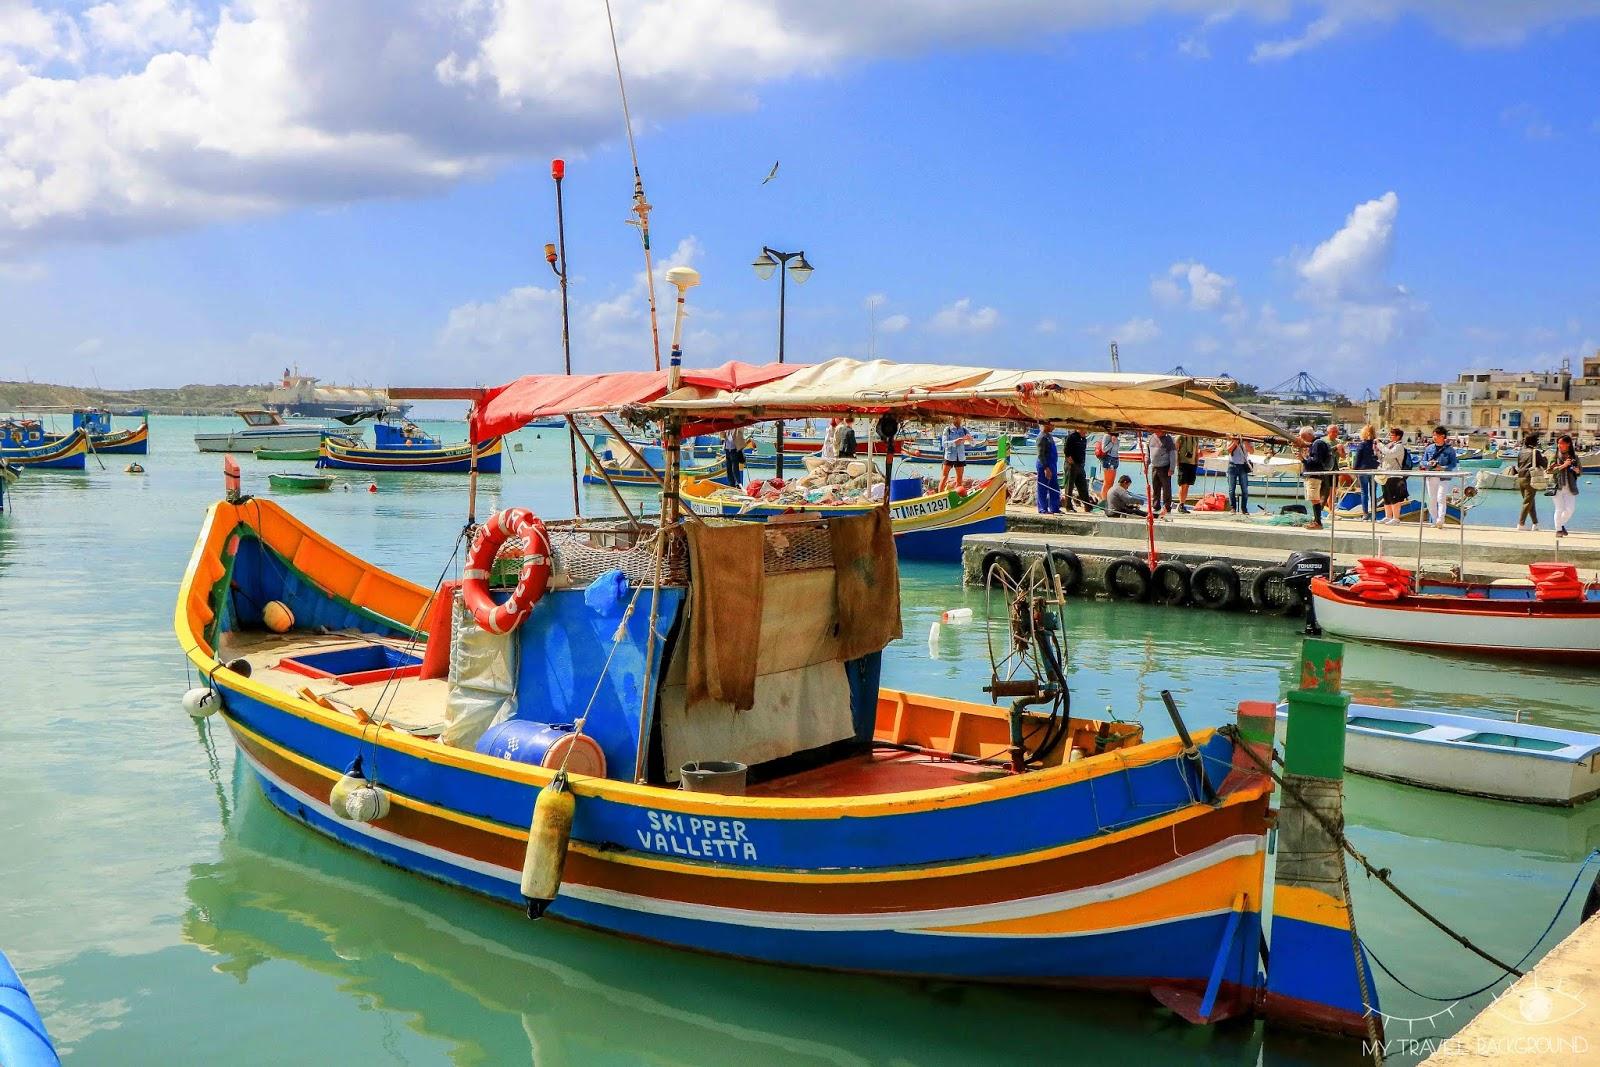 My Travel Background : les incontournables de Malte, Île de Malte (partie 1) - Marsaxlokk